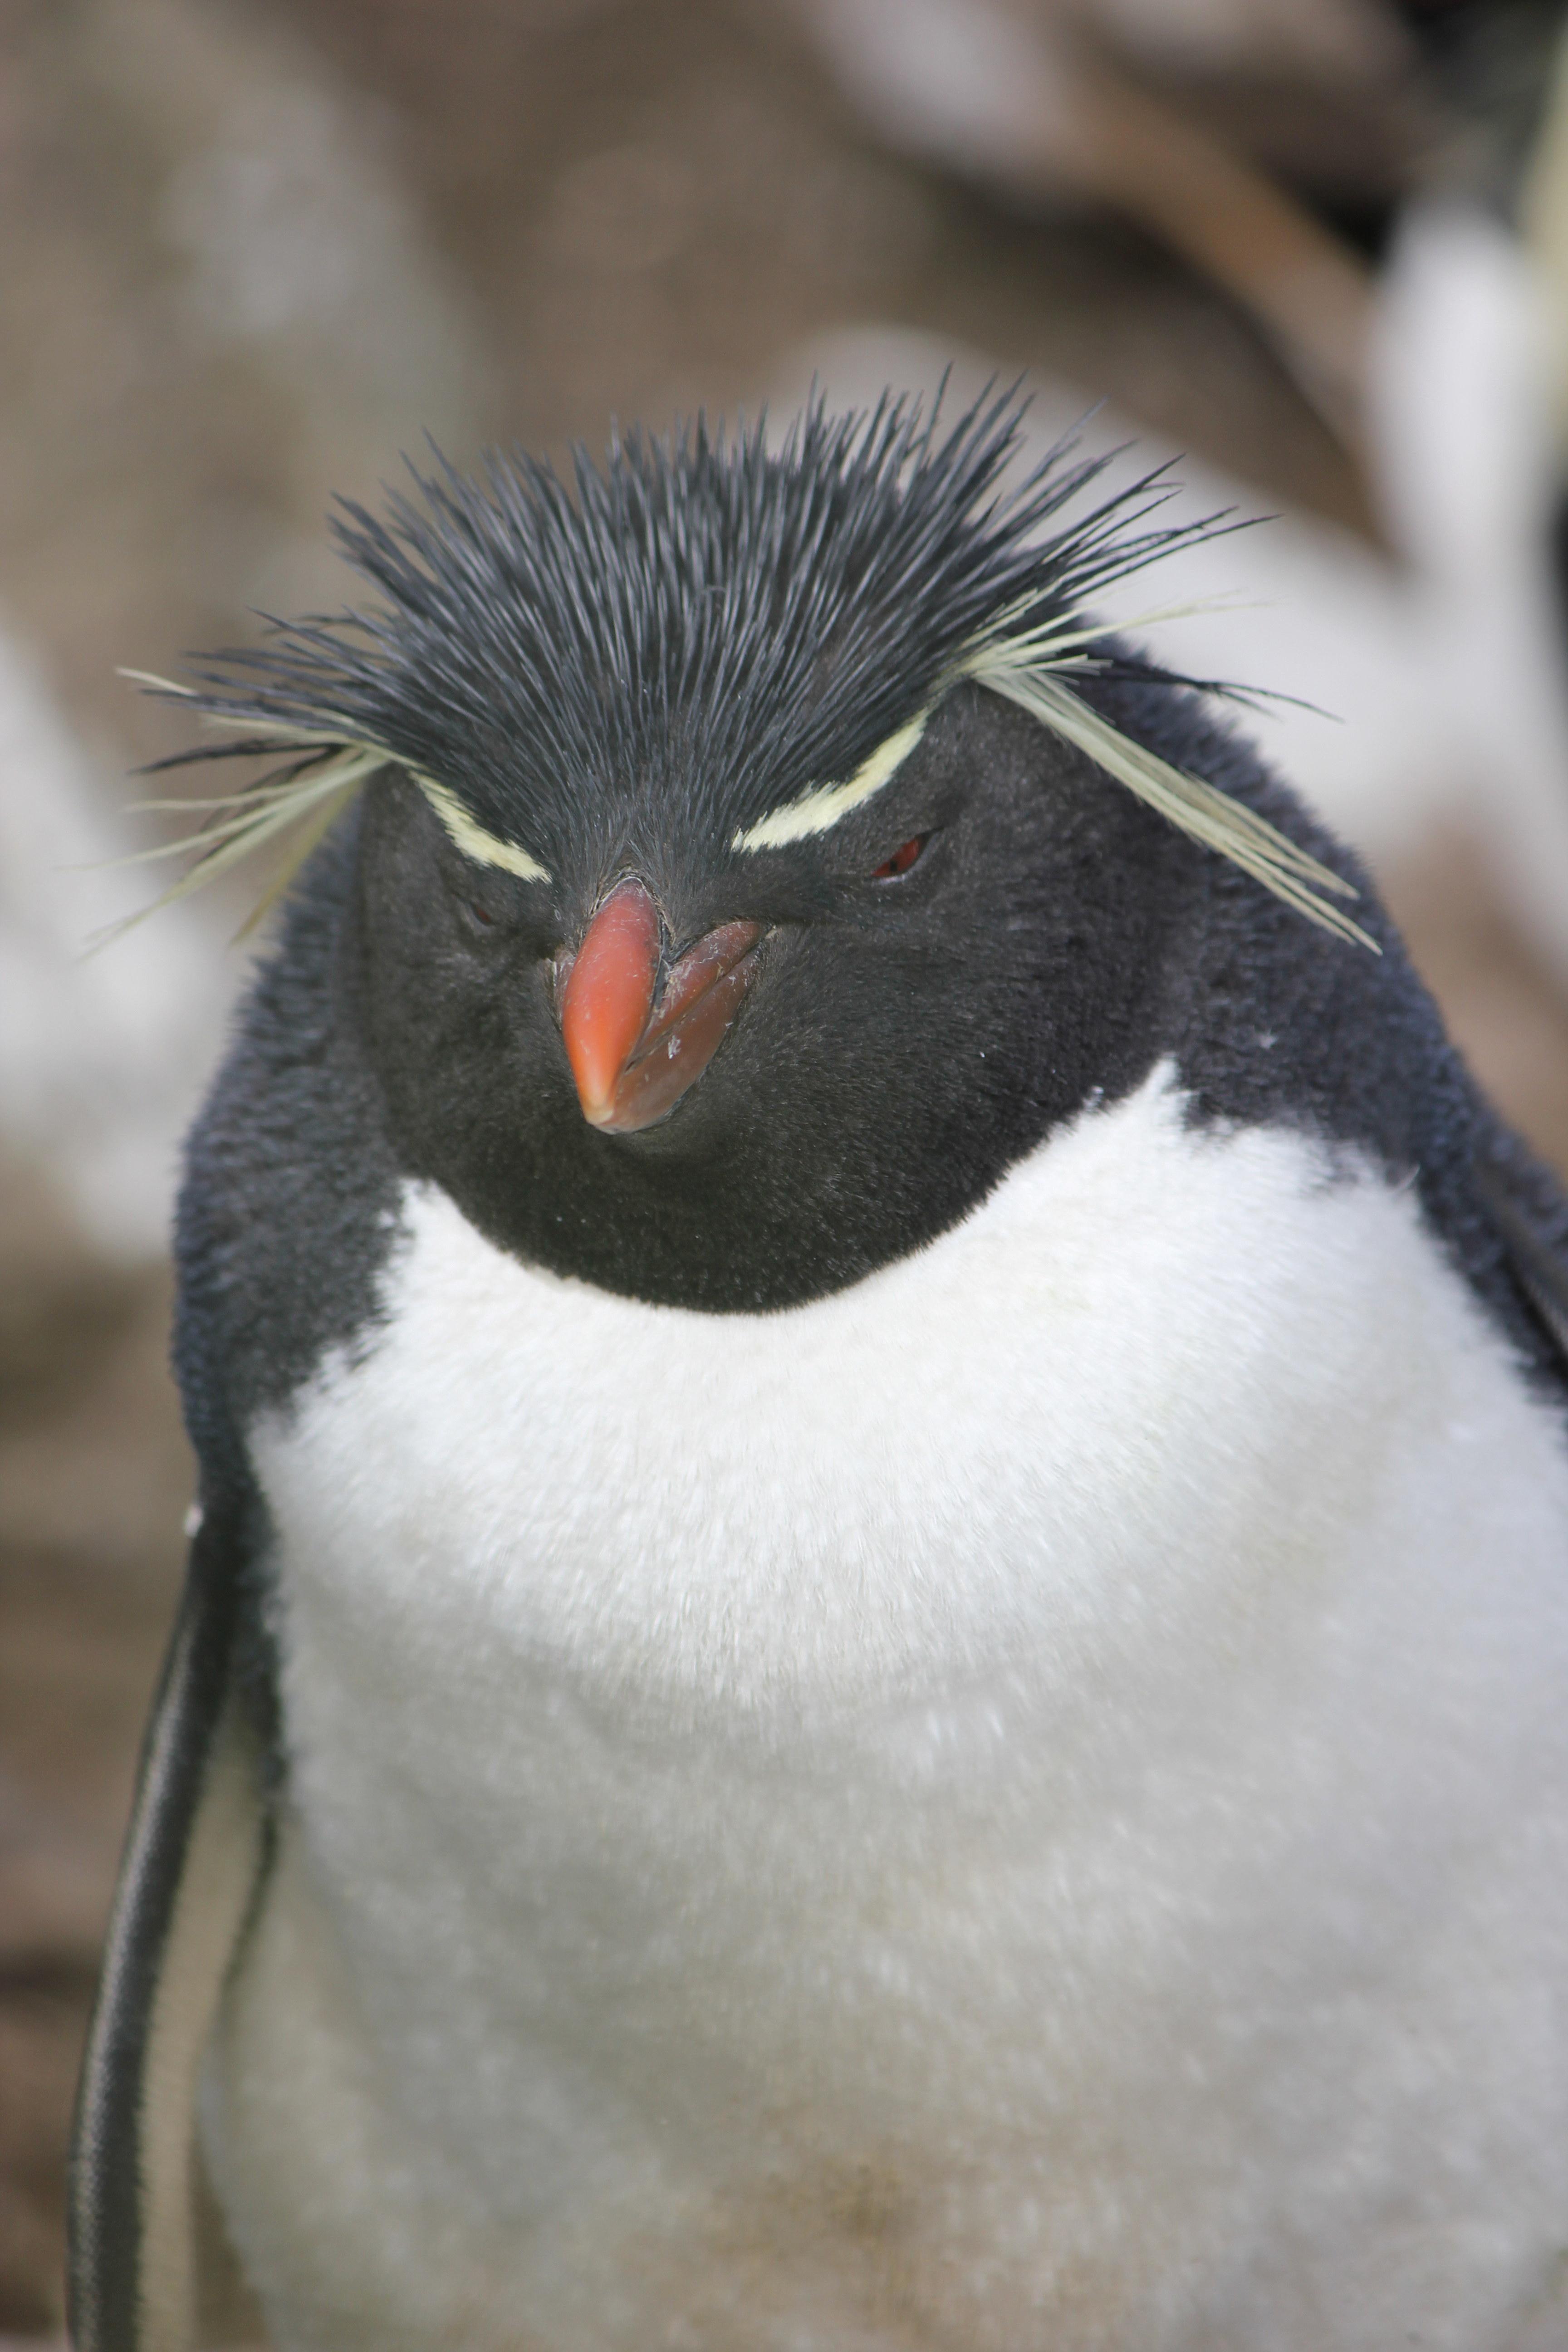 Professor Penguin